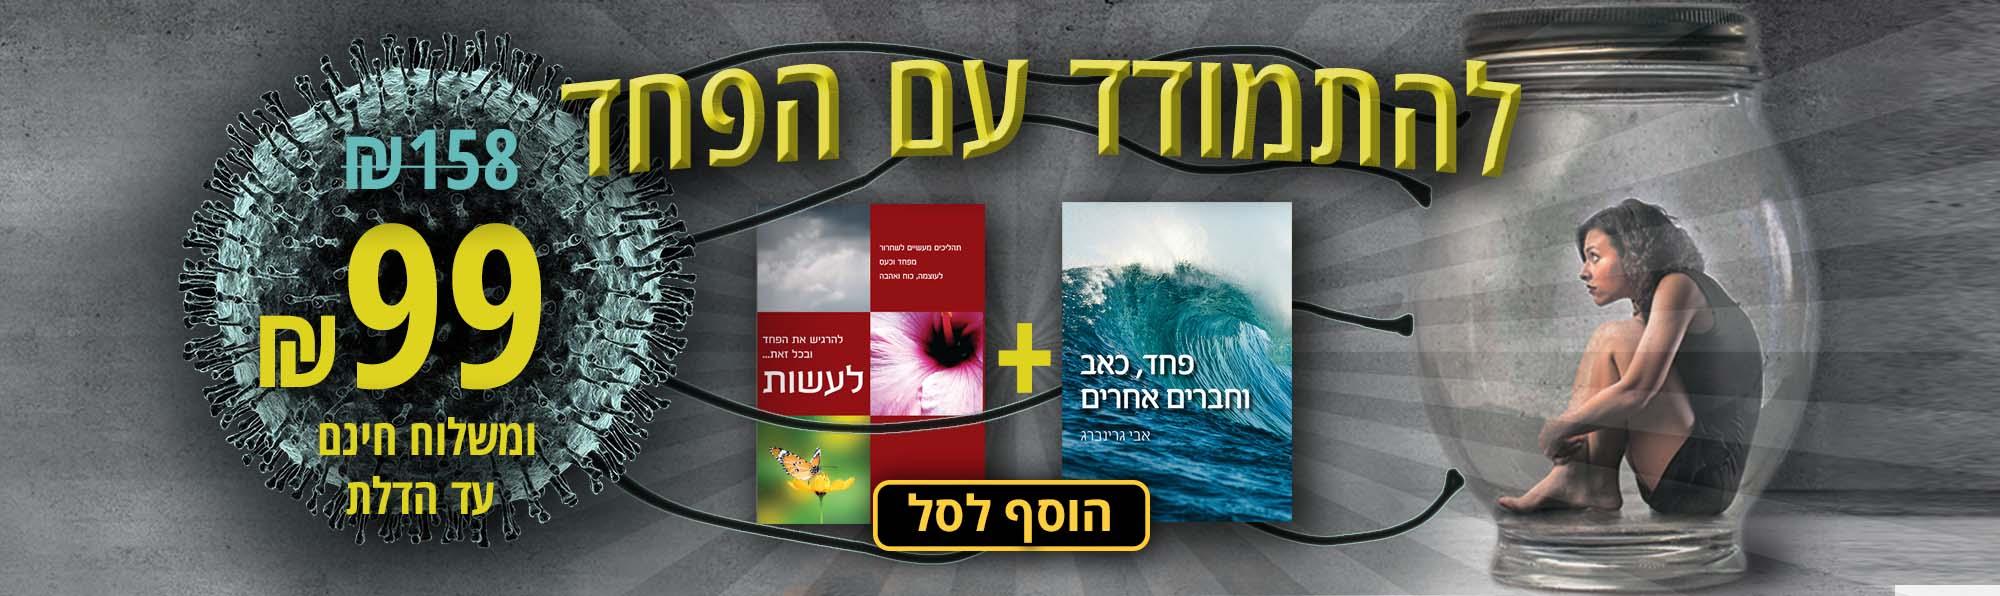 להתמודד עם הפחד – 2 ספרים ב₪99 במקום ₪158